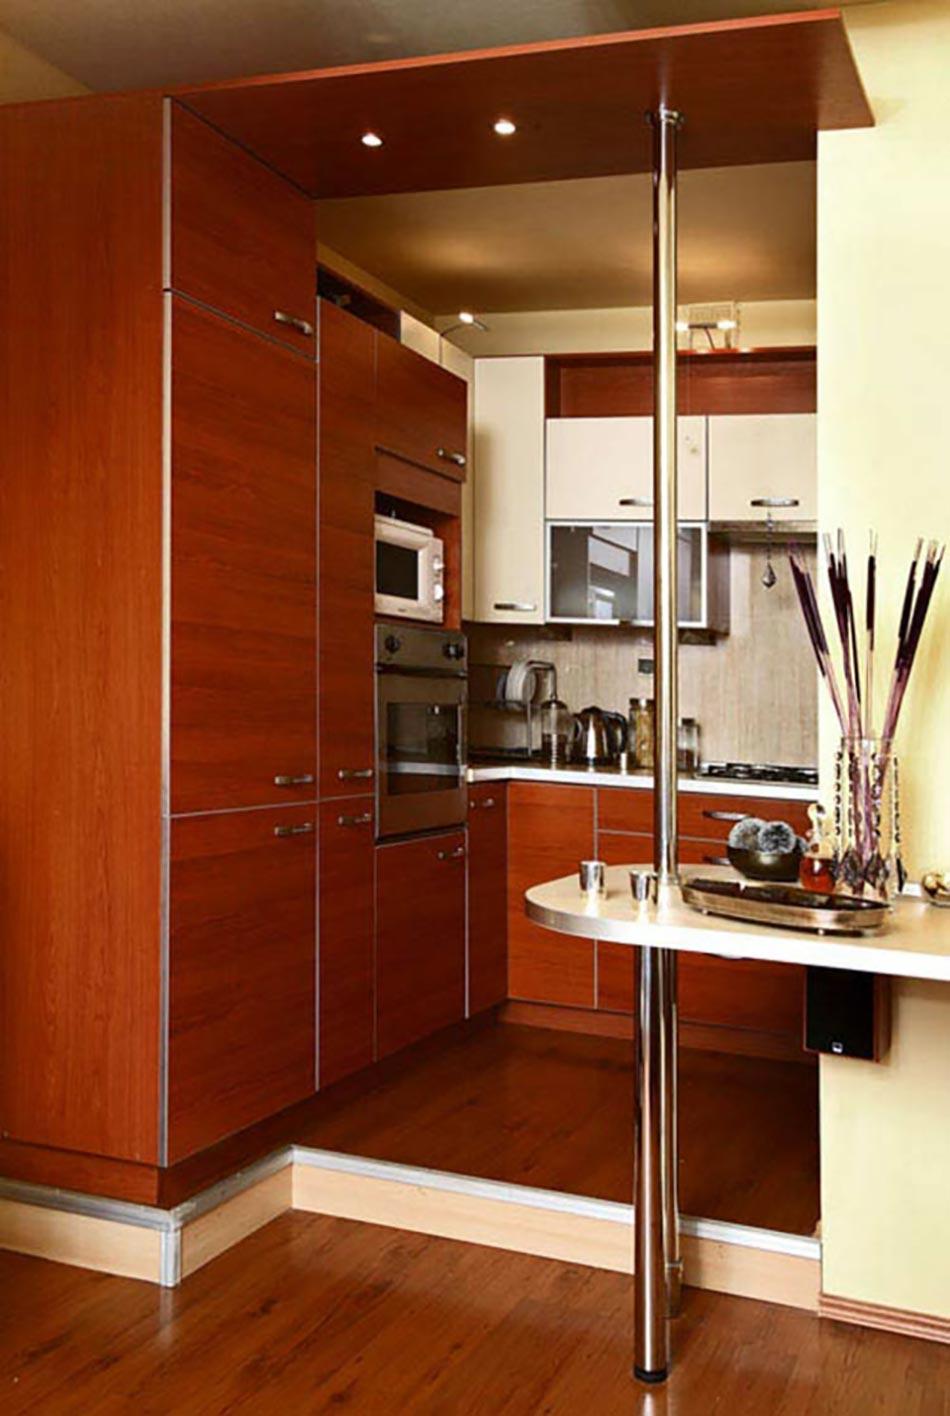 La kitchenette moderne quip e et sur optimis e for Cuisine equipee ou amenagee